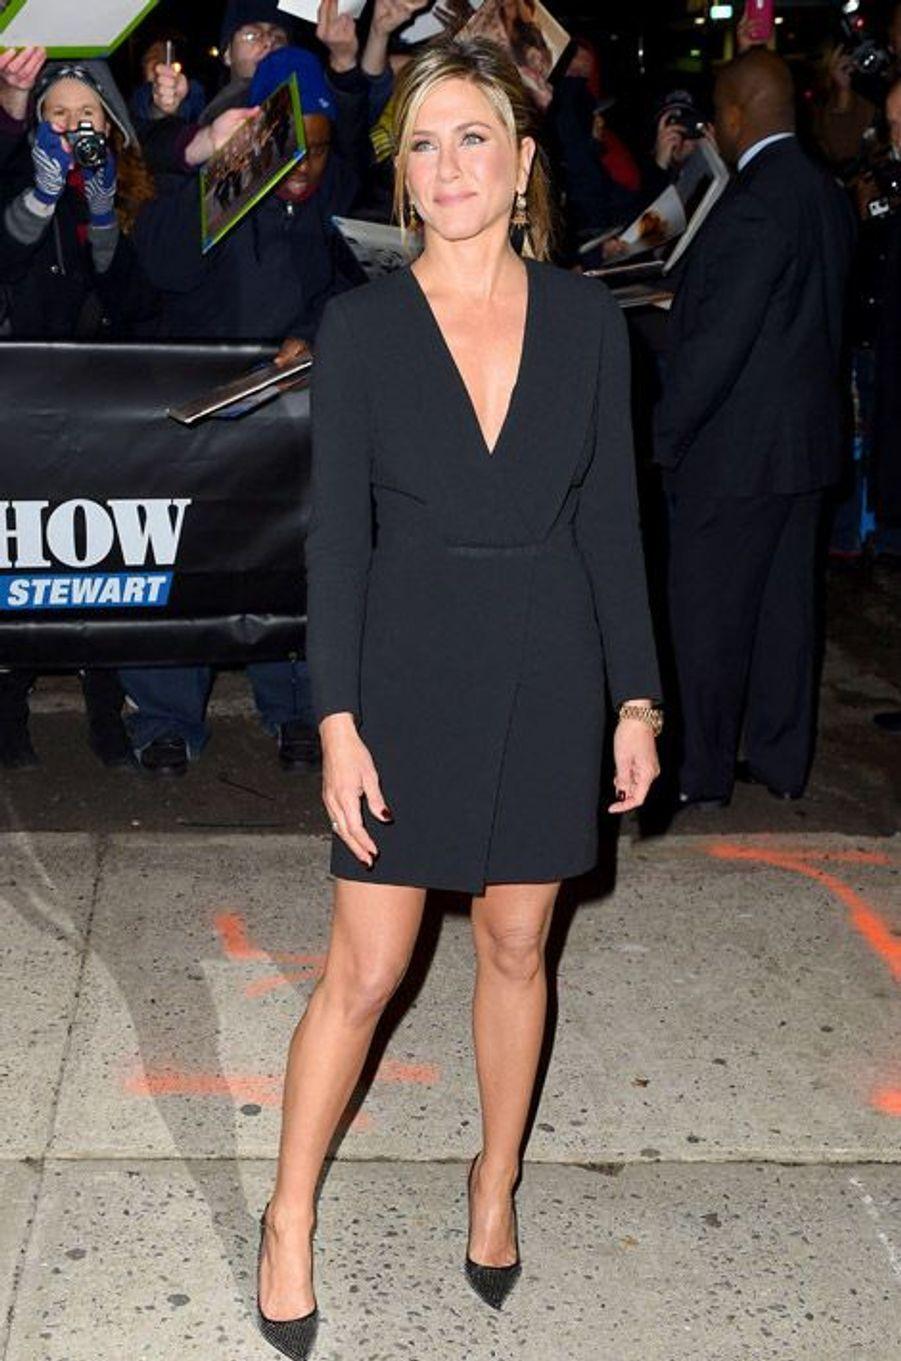 L'actrice Jennifer Aniston se rend sur le plateau du Daily Show with Jon Stewart à New York, le 22 janvier 2015